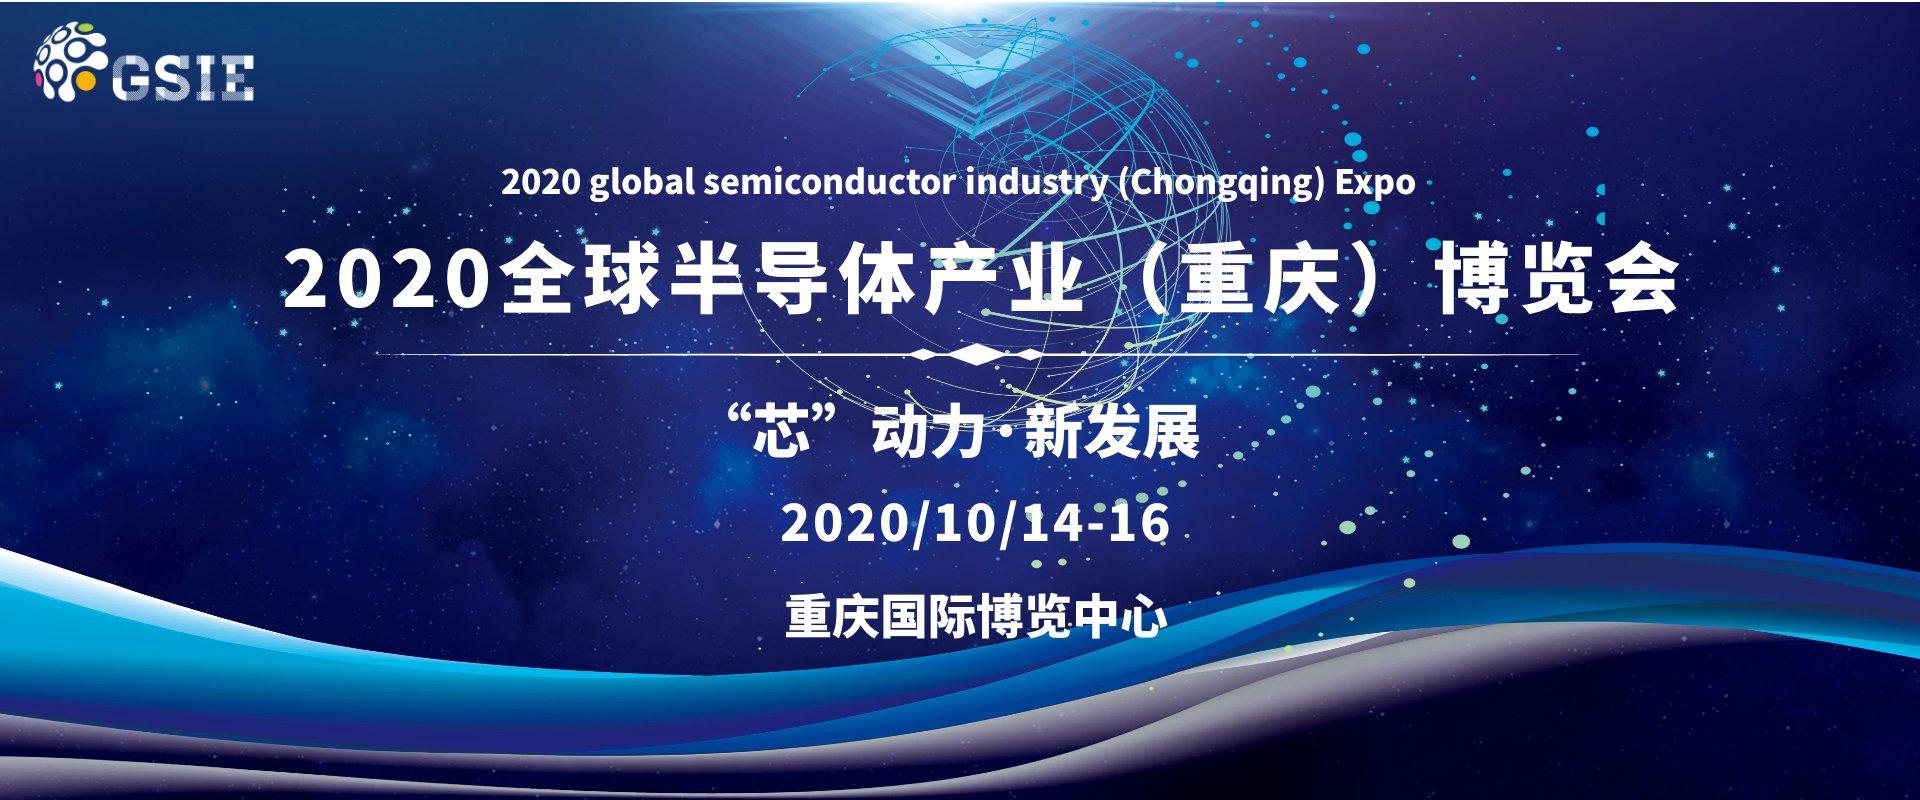 2020全球半导体产业重庆博览...